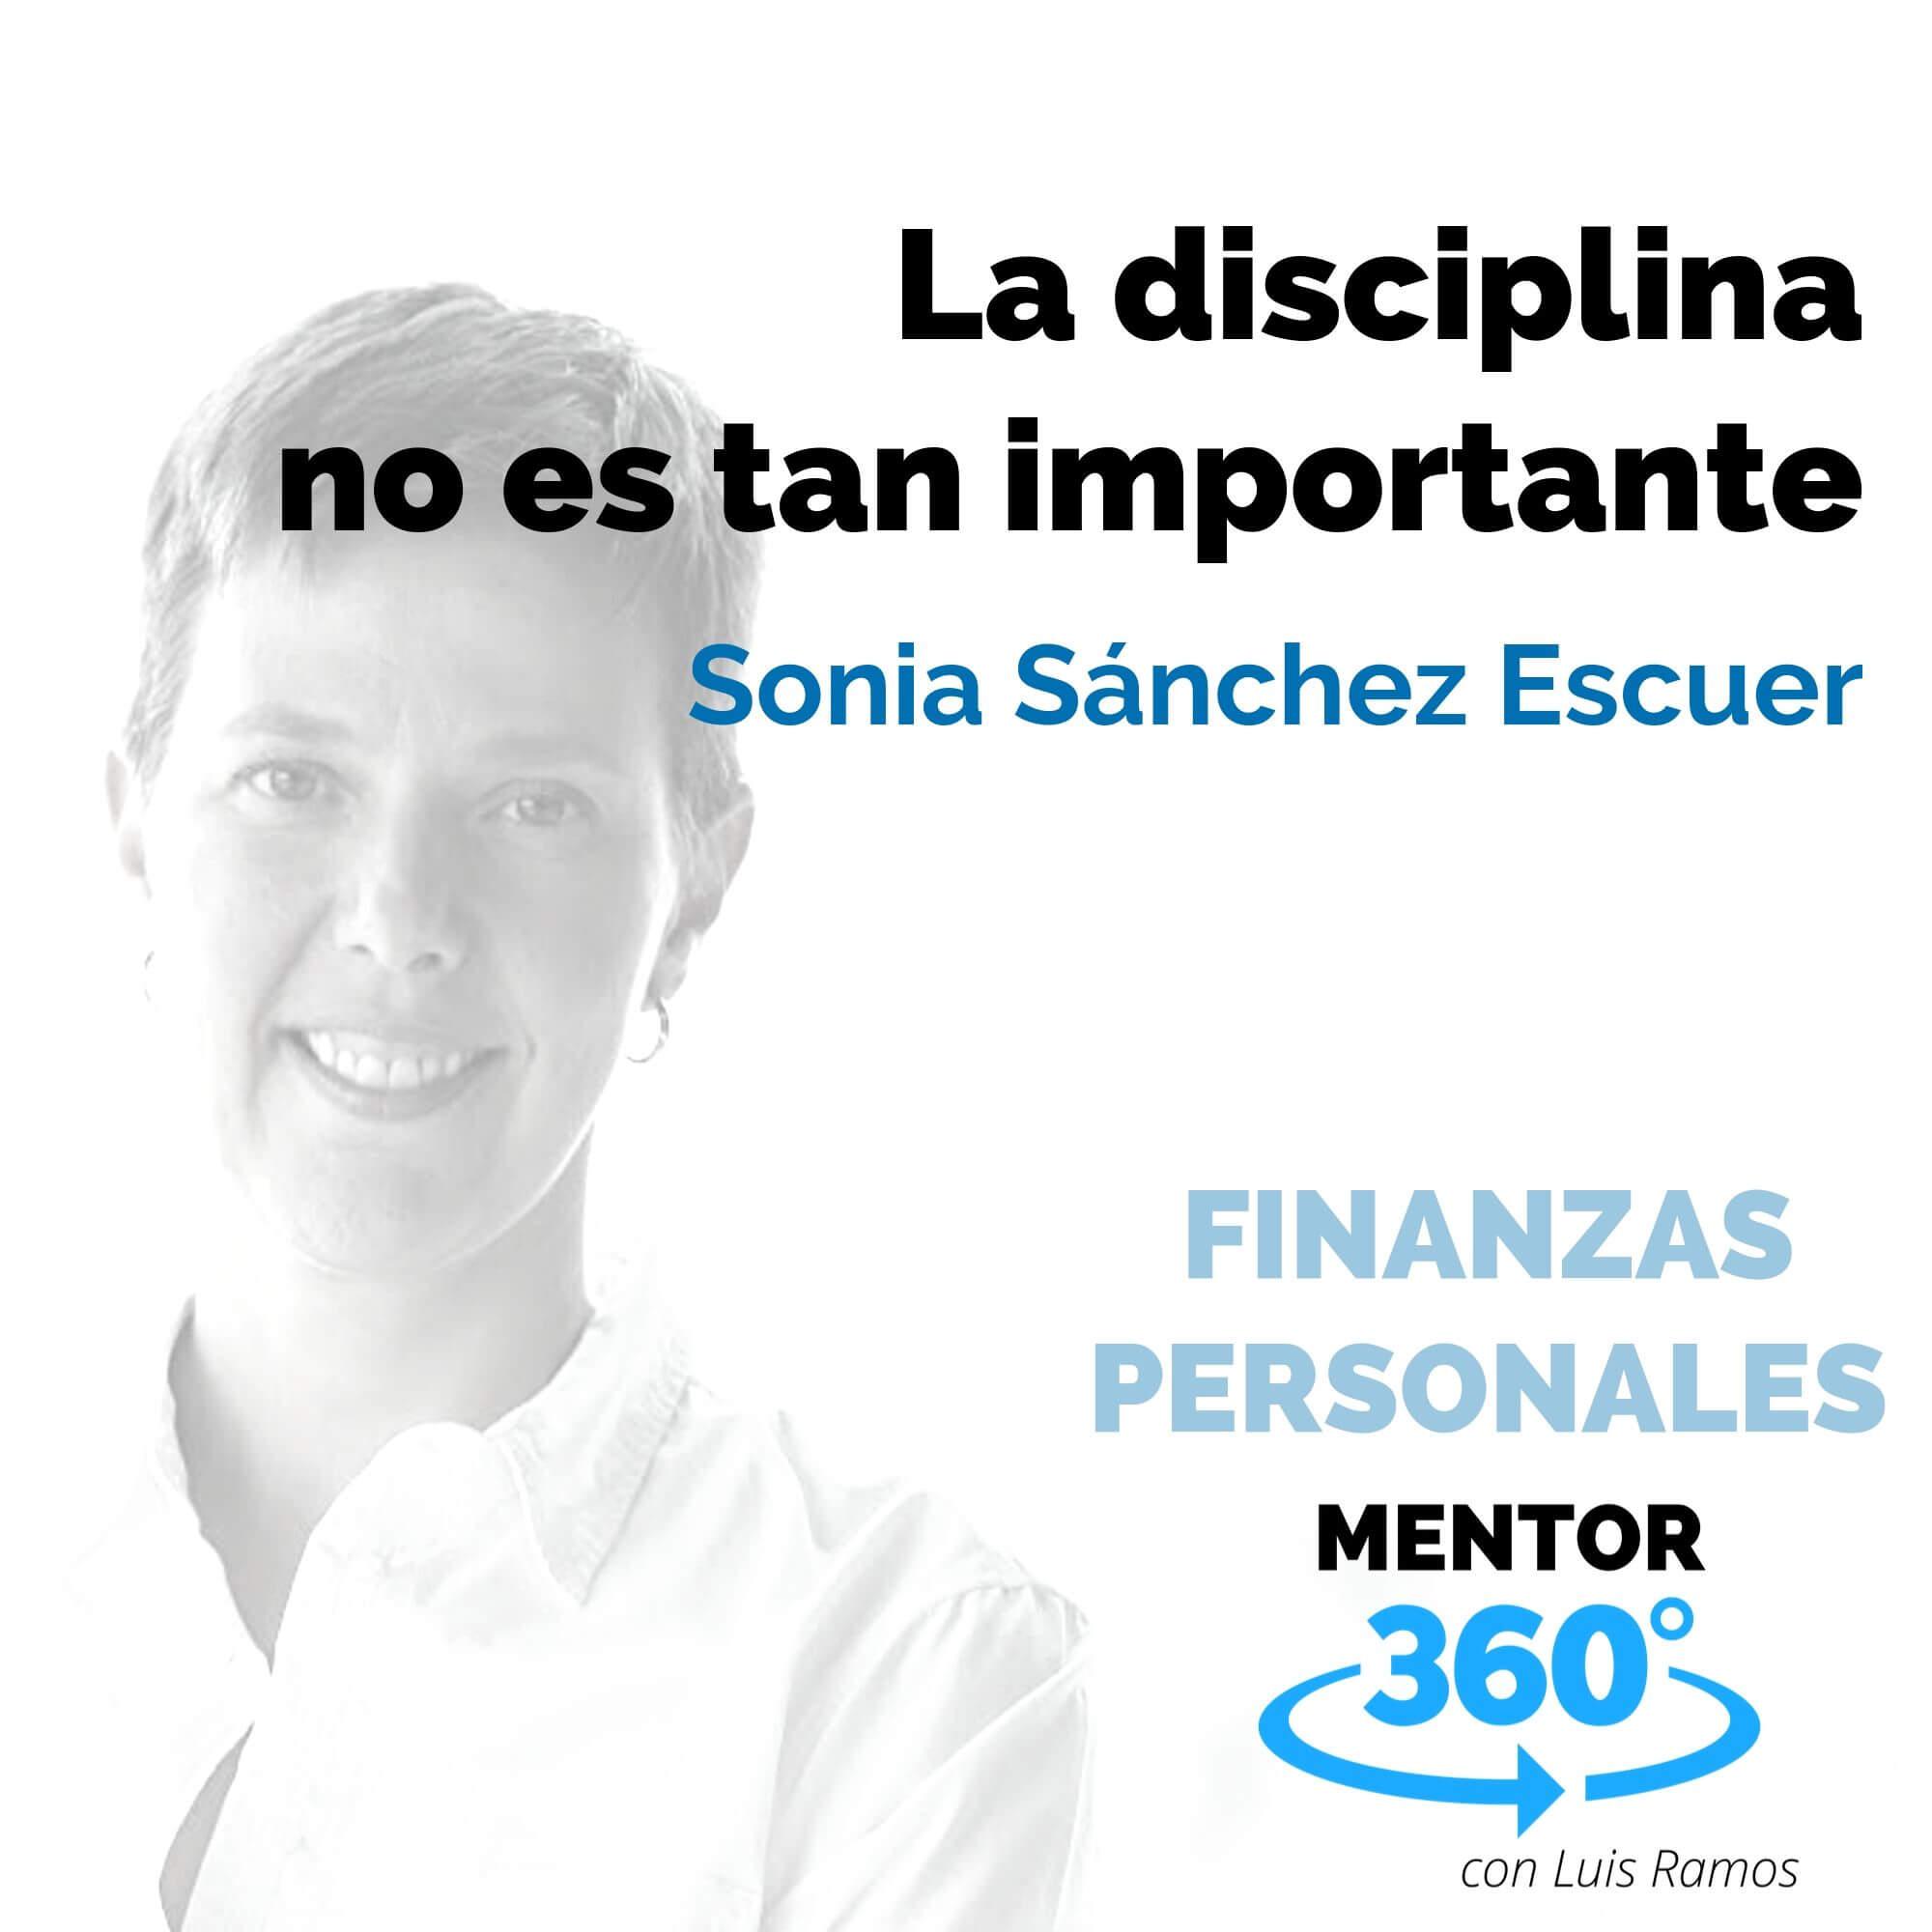 La disciplina no es tan importante, con Sonia Sánchez Escuer - FINANZAS PERSONALES